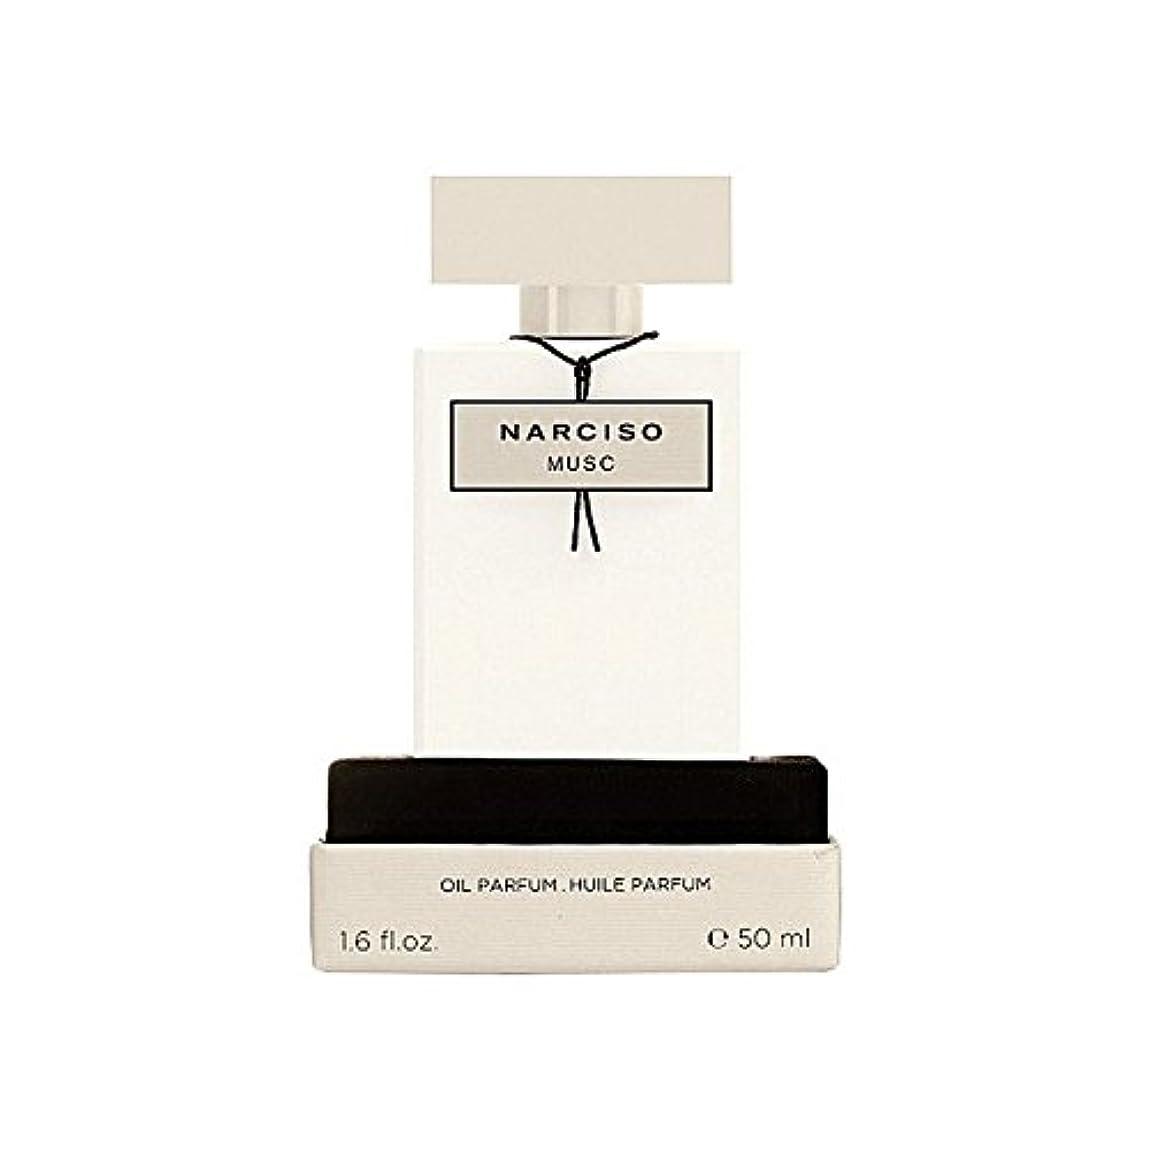 フェッチ殉教者愚かなナルシソ?ロドリゲスナルシソオイル50ミリリットル x4 - Narciso Rodriguez Narciso Musc Oil 50ml (Pack of 4) [並行輸入品]